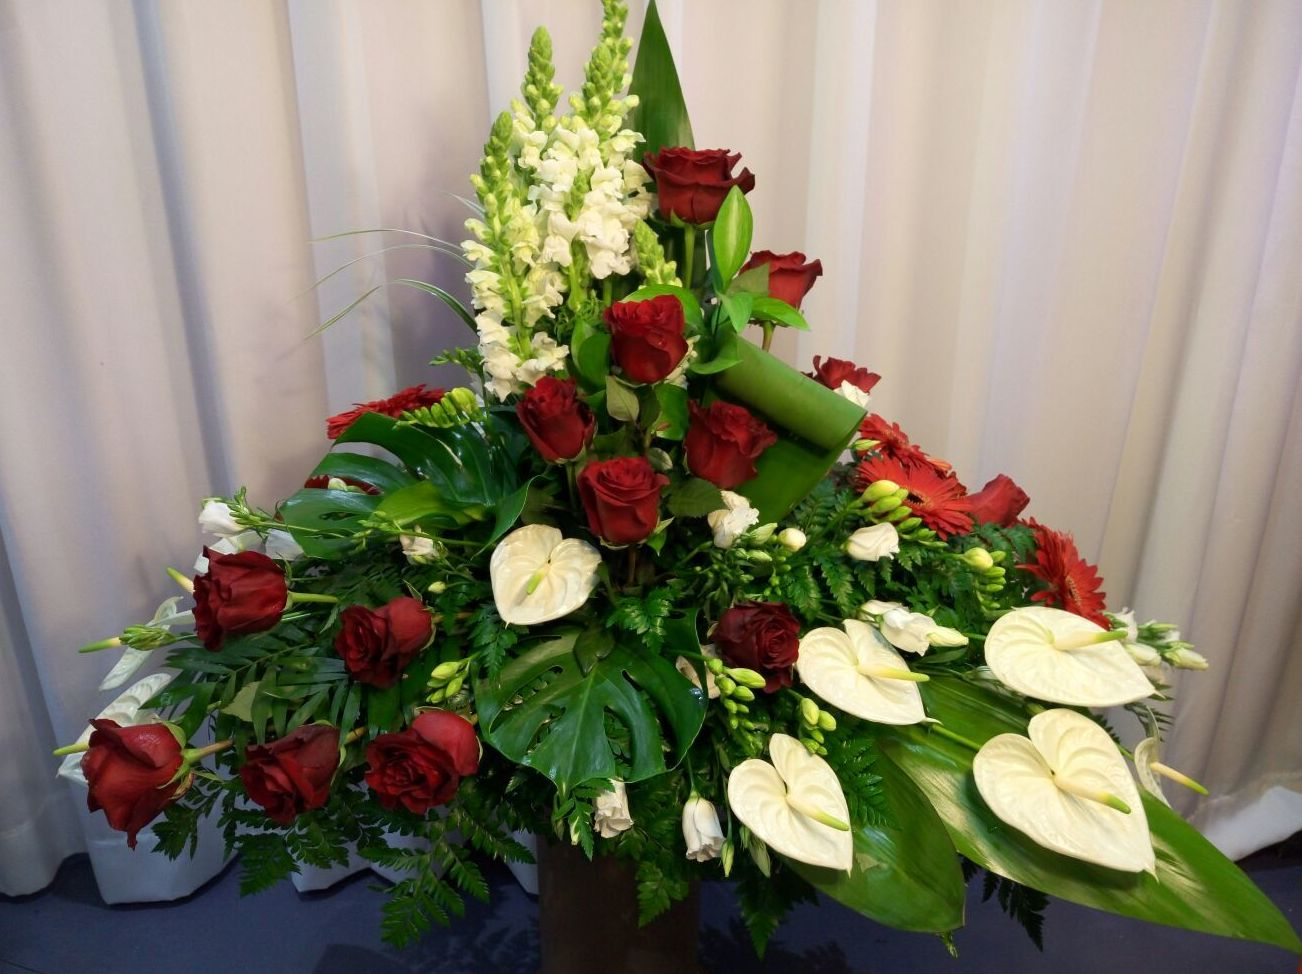 Centros de flores personalizados A Coruña. MAndragora Floristería